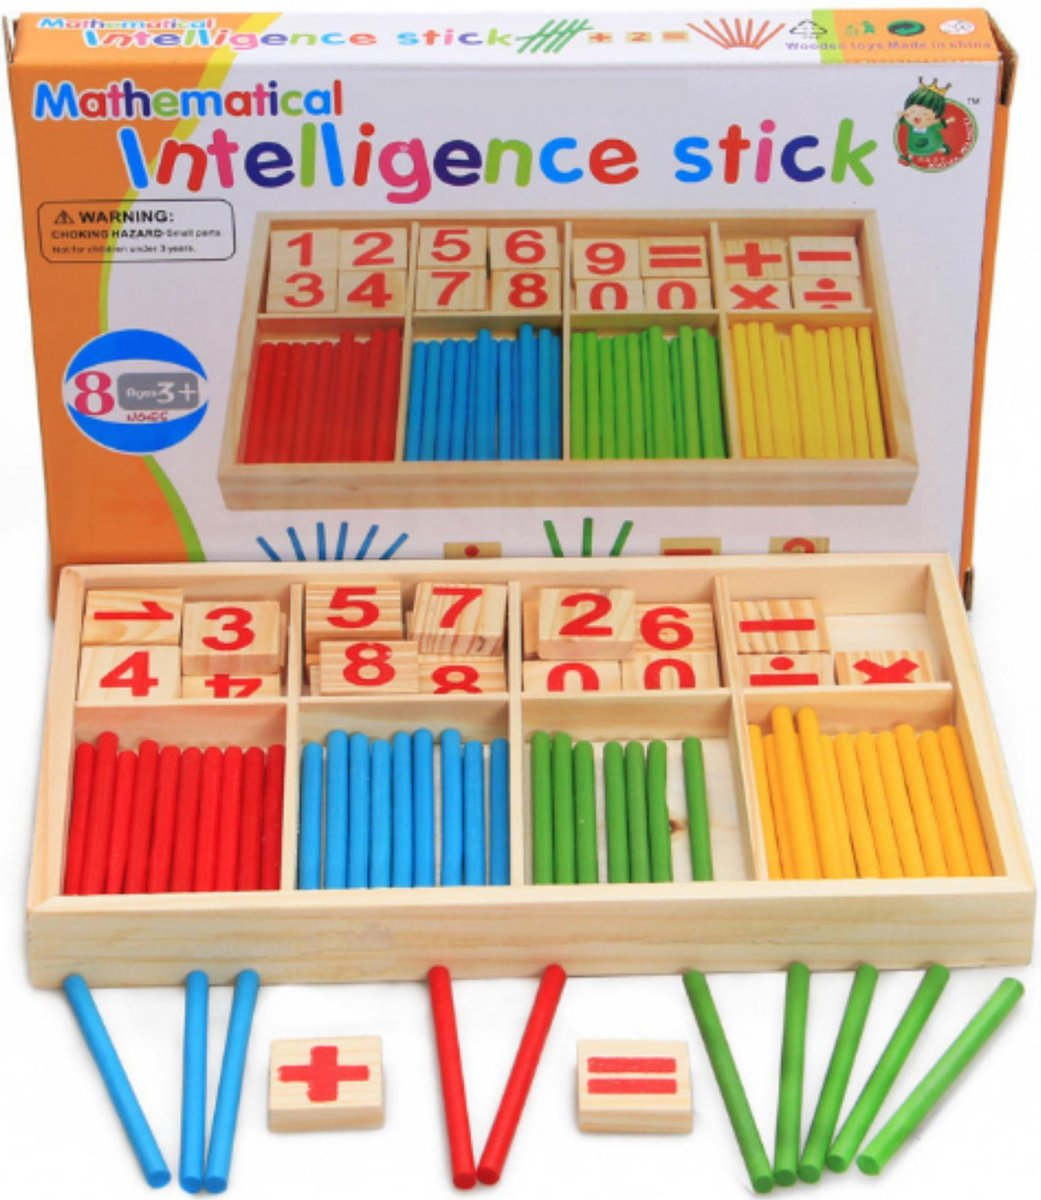 rekendoosje - leren rekenen - educatief speelgoed - rekenspelletjes - rekenstokjes - montessori speelgoed - Blijderij